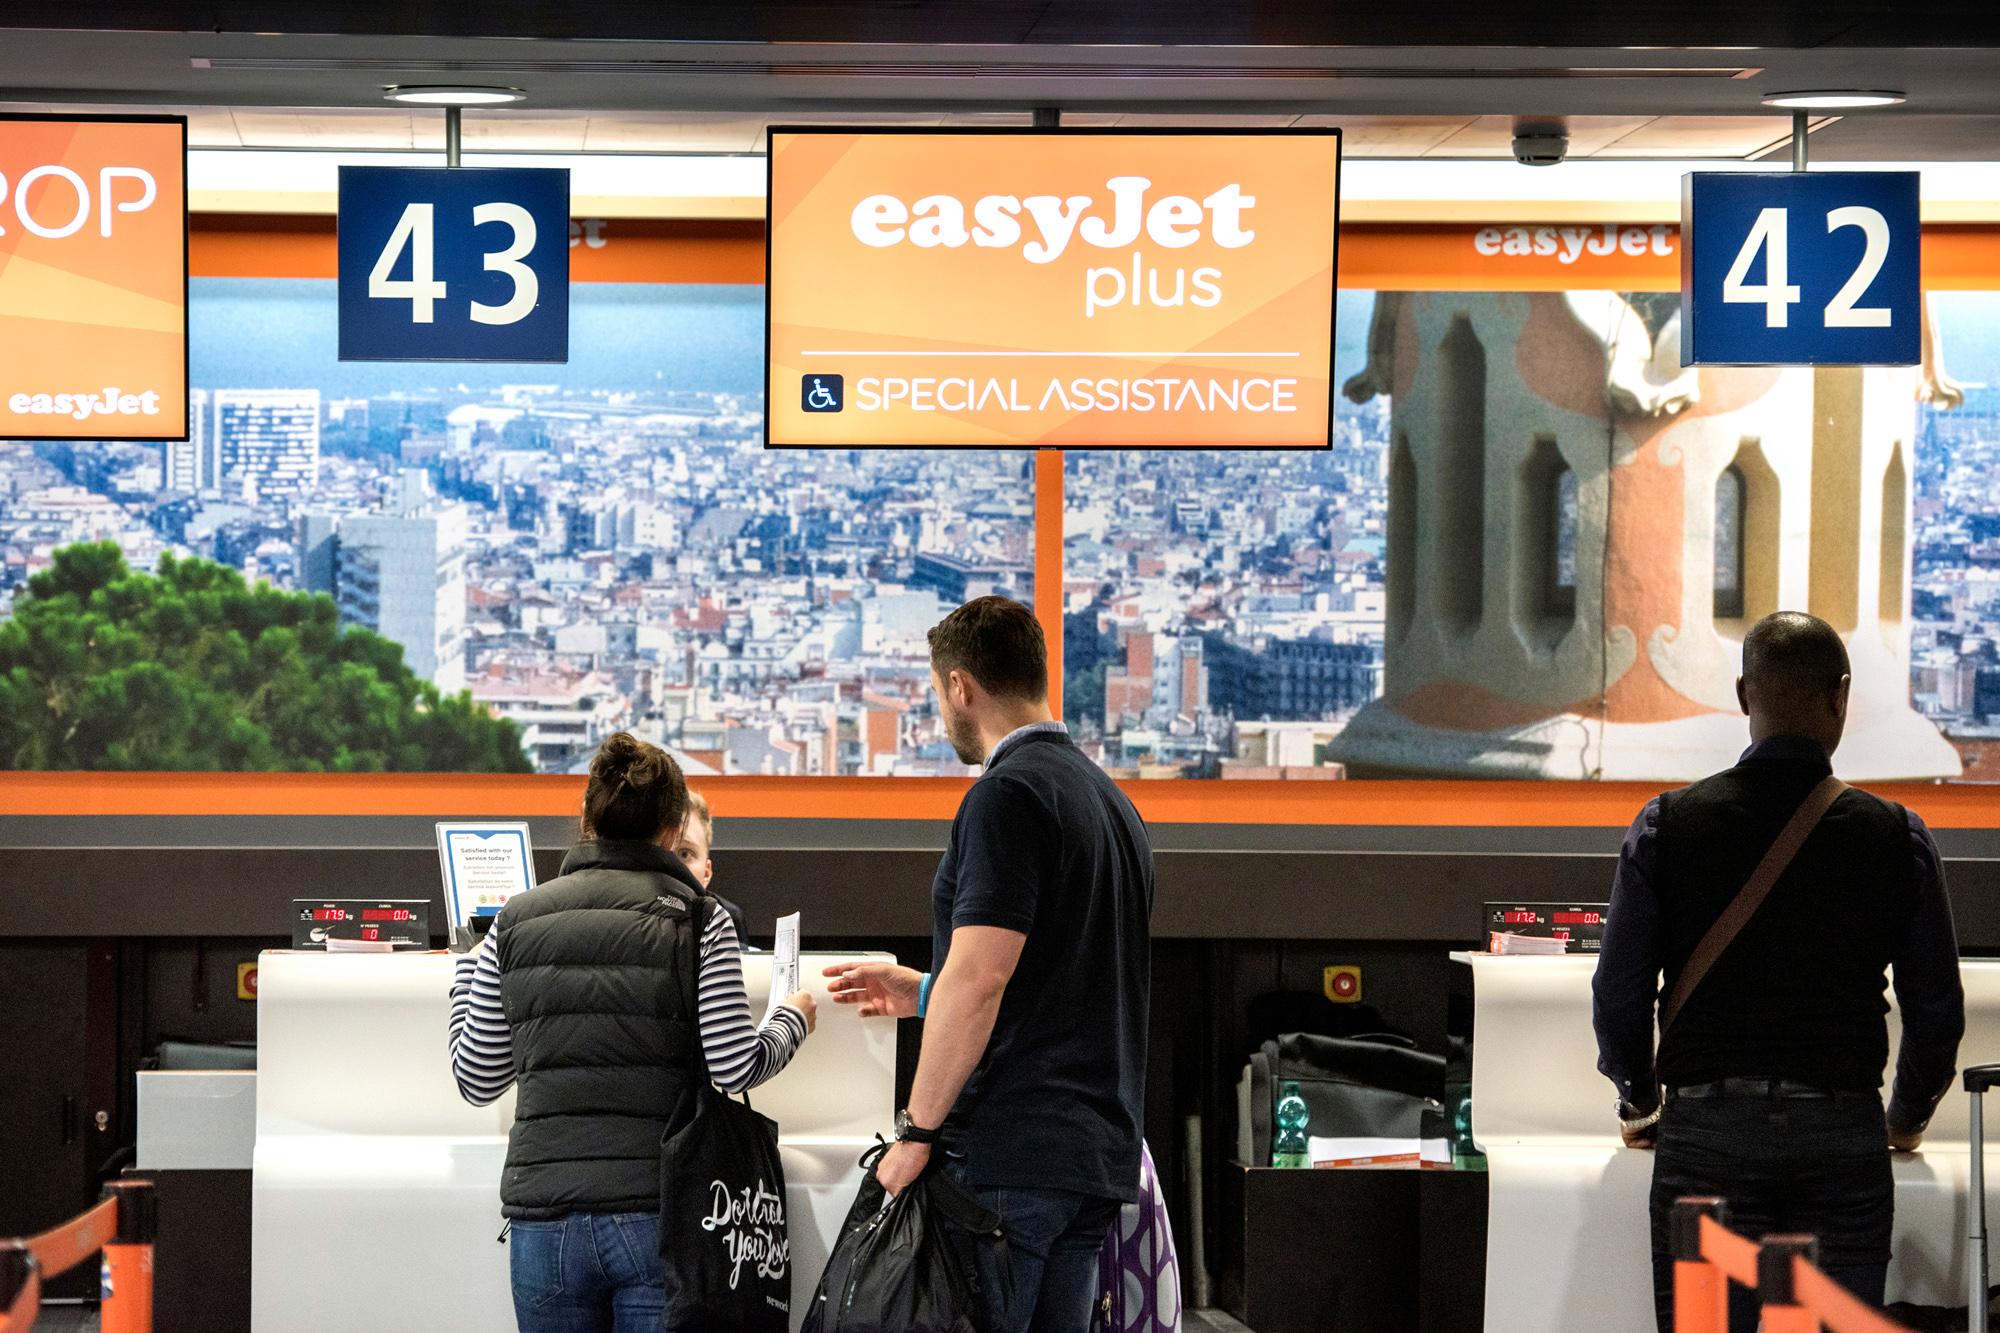 Der EuroAirport ist immer mehr in Orange getaucht.